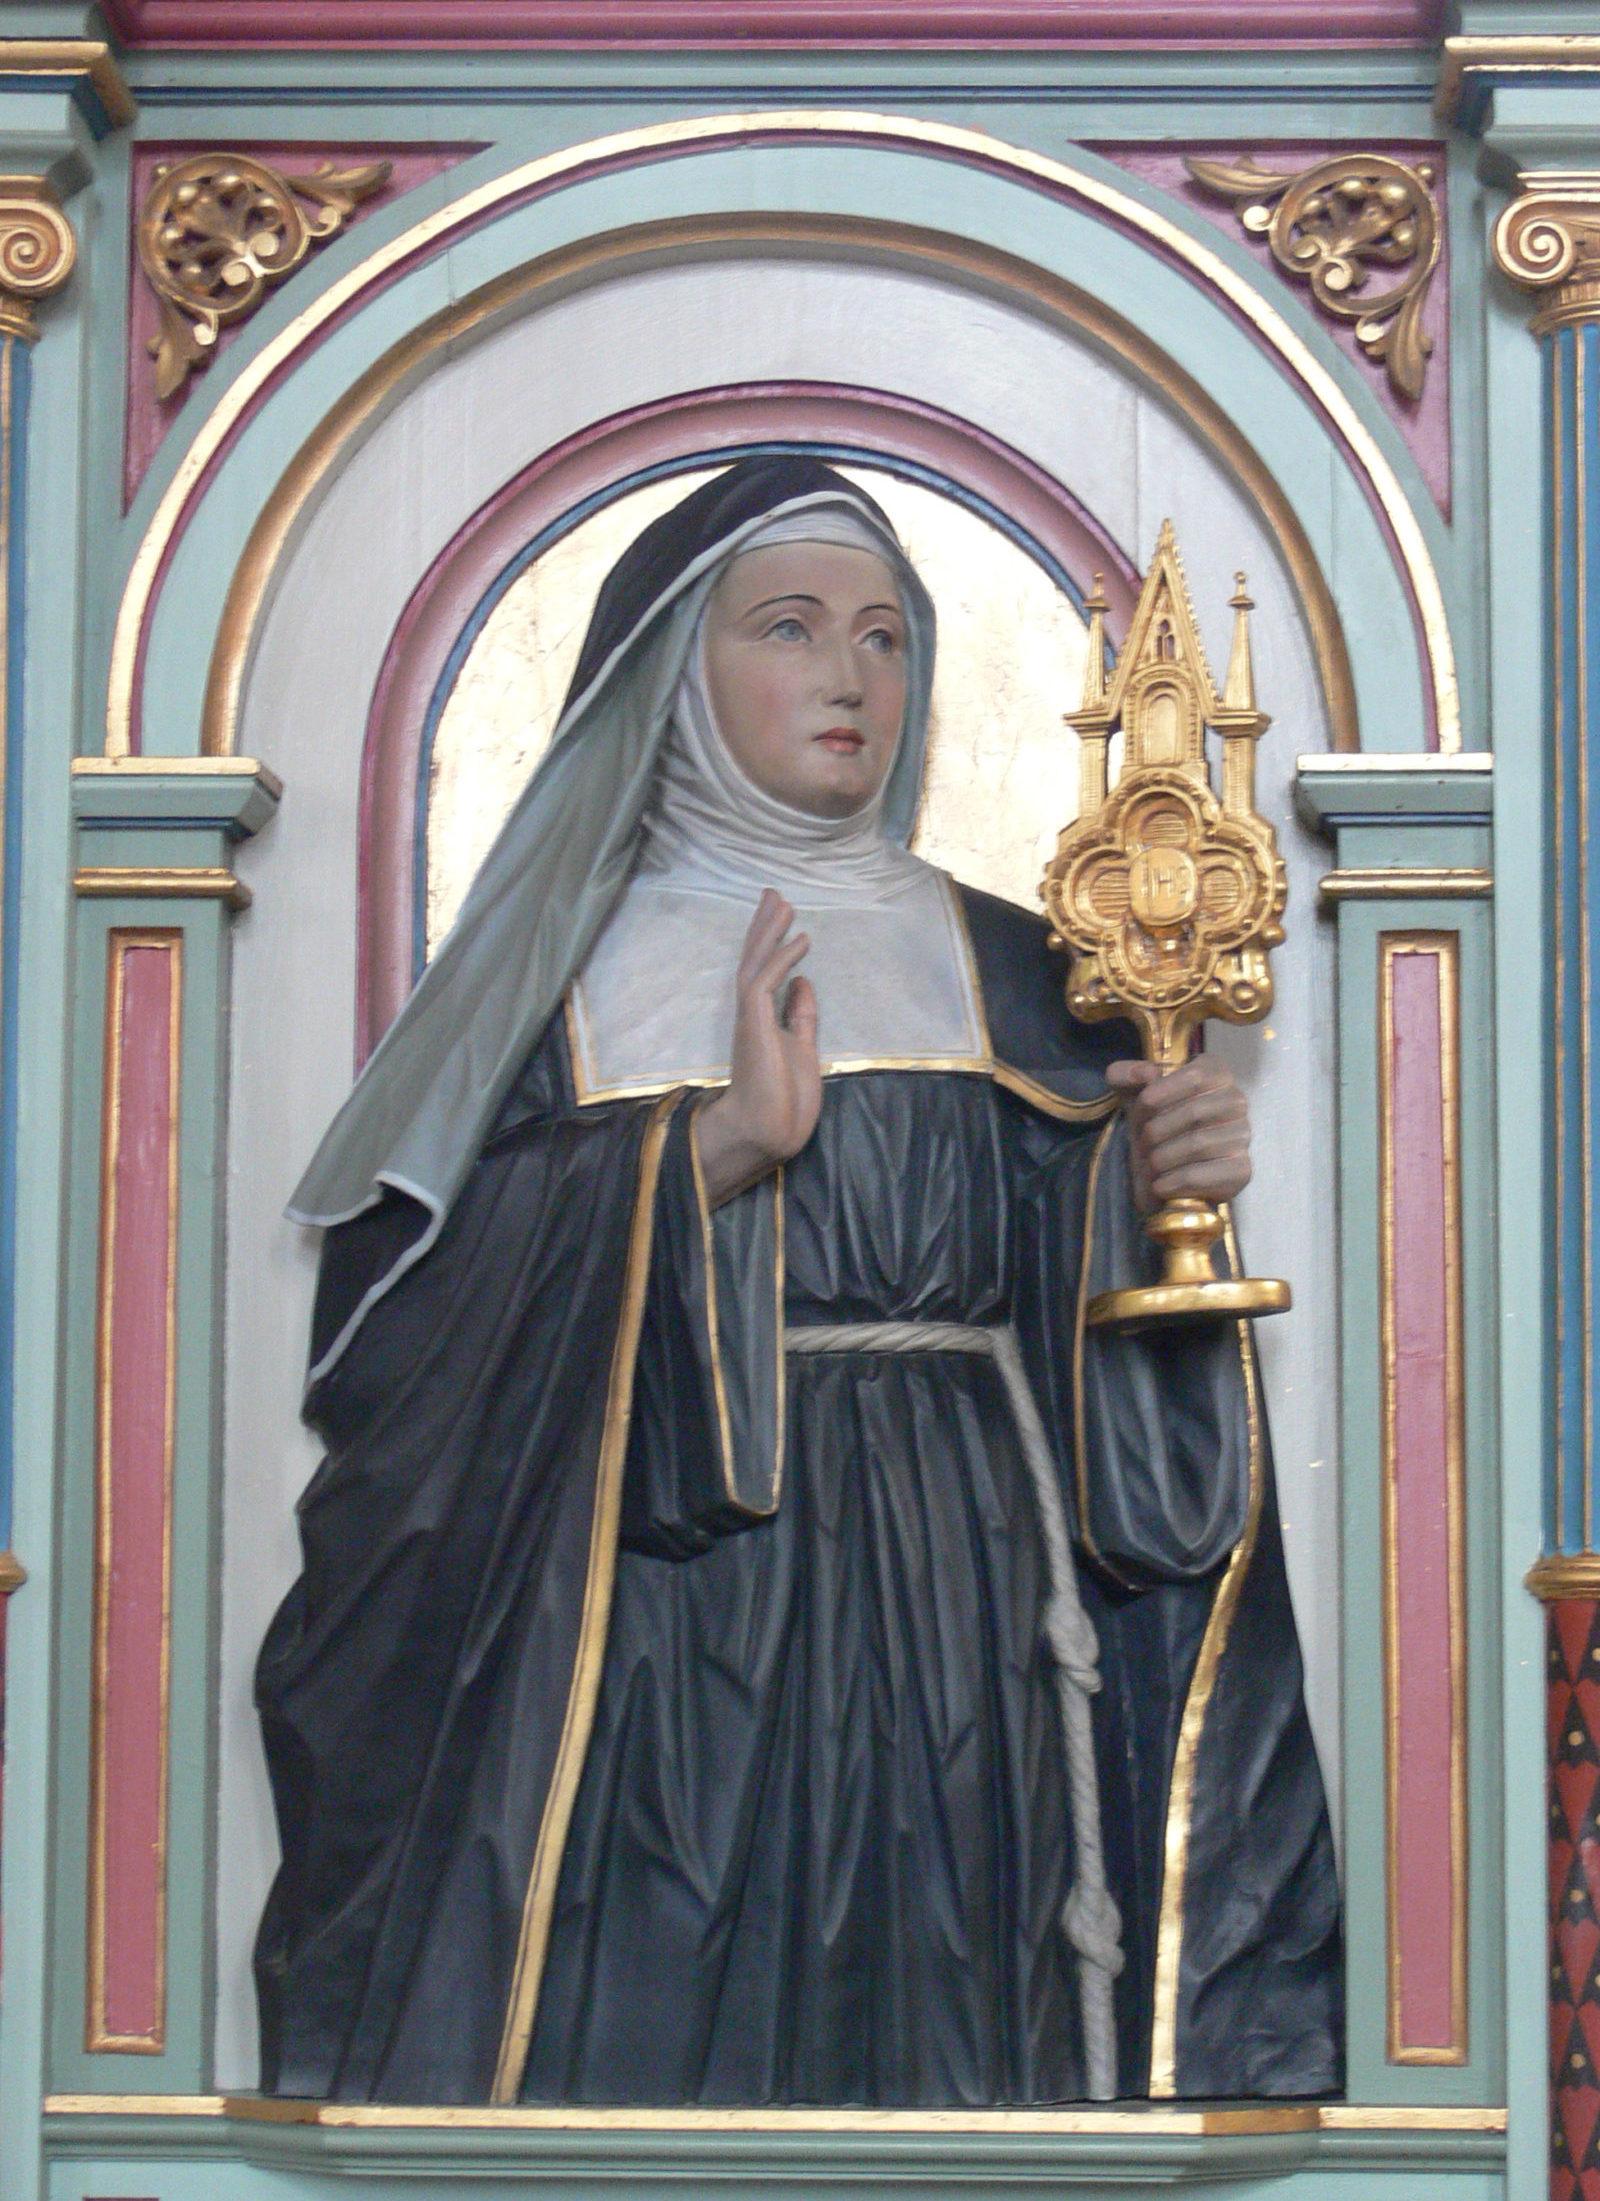 Sainte Julienne de Liège, dans l'église de Merazhofen (Allemagne) © wikimedia commons / Andreas Praefcke